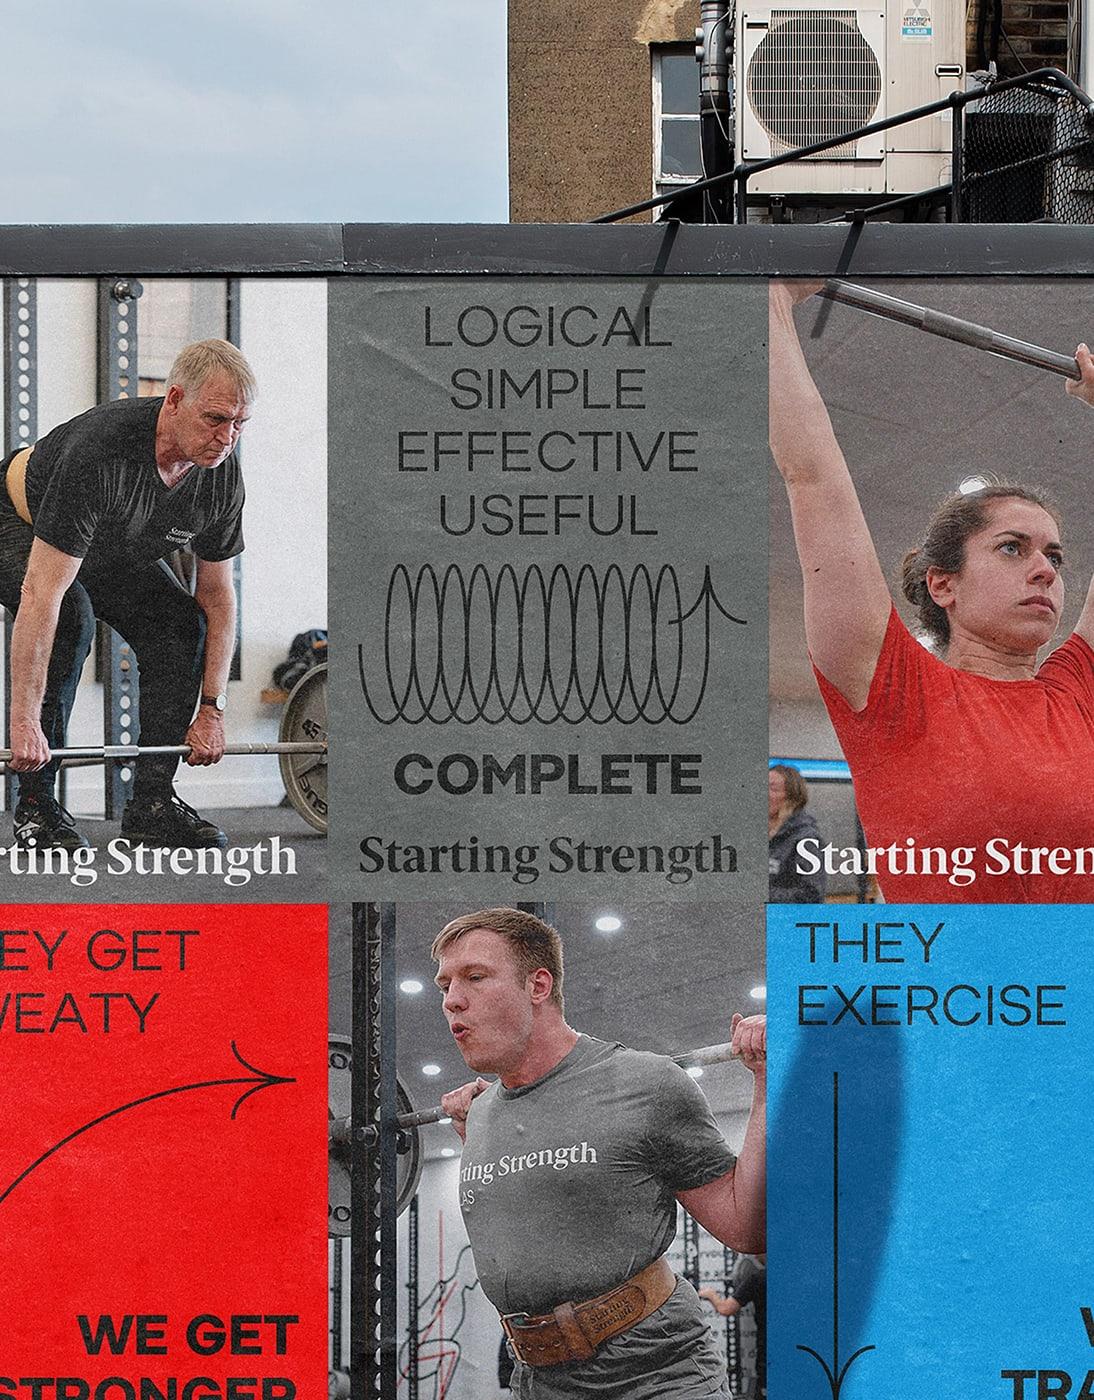 力量训练计划Starting Strength品牌形象设计